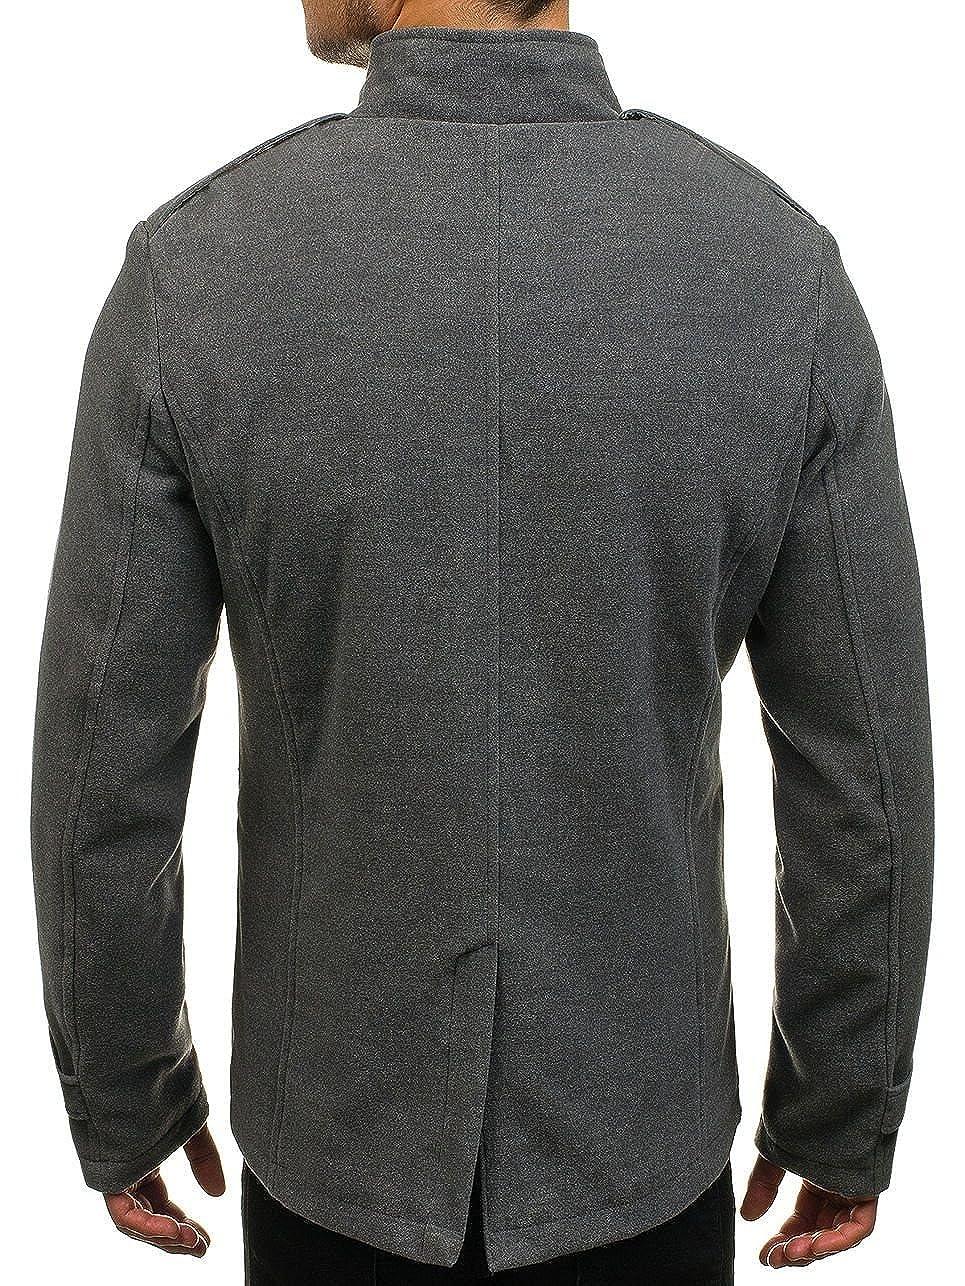 BOLF - Abrigo - Básico - Cuello Mao - para Hombre Gris Large: Amazon.es: Ropa y accesorios